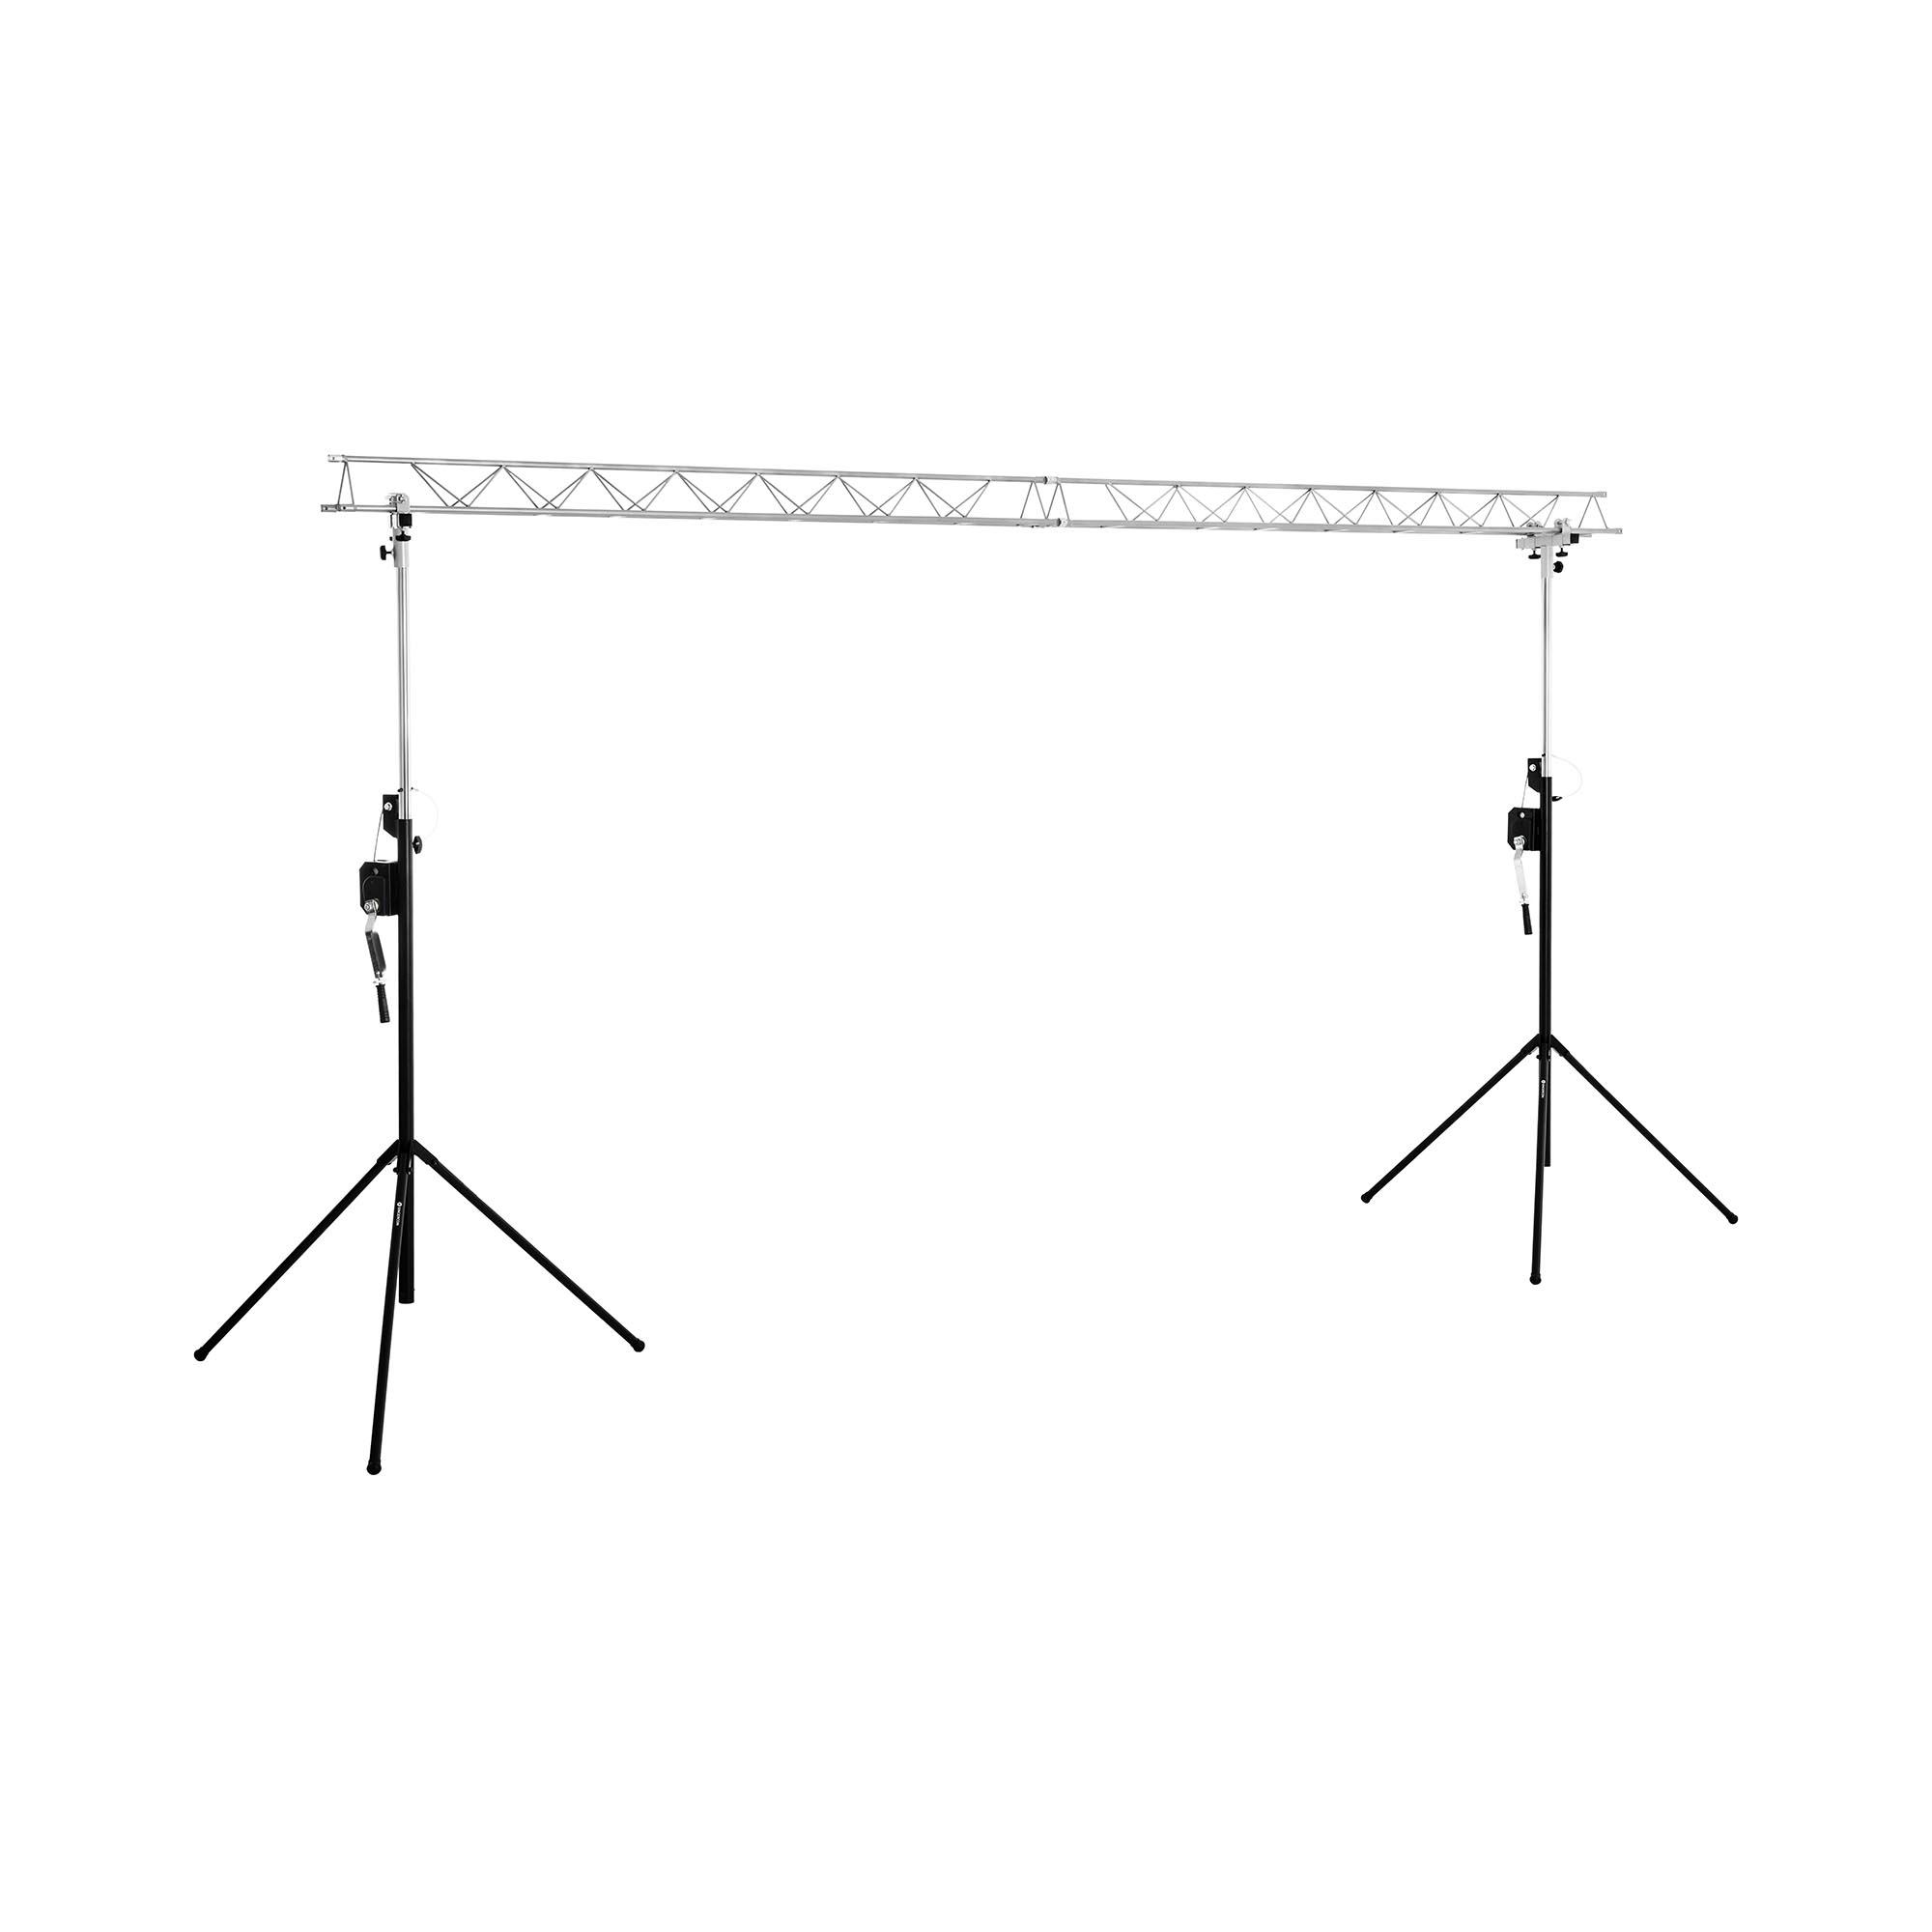 Singercon Lichttraverse - bis 100 kg - Kurbelstative - 1,80 bis 3 m - Traversenbrücke CON.LS3000E1.03